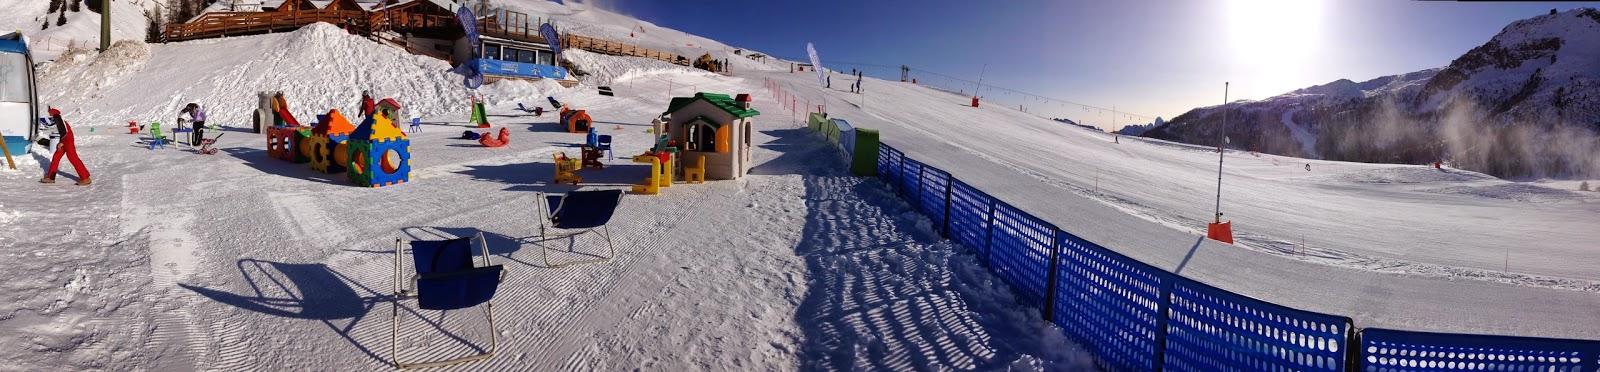 panoramica giochi sulla neve per bambini e piste da sci